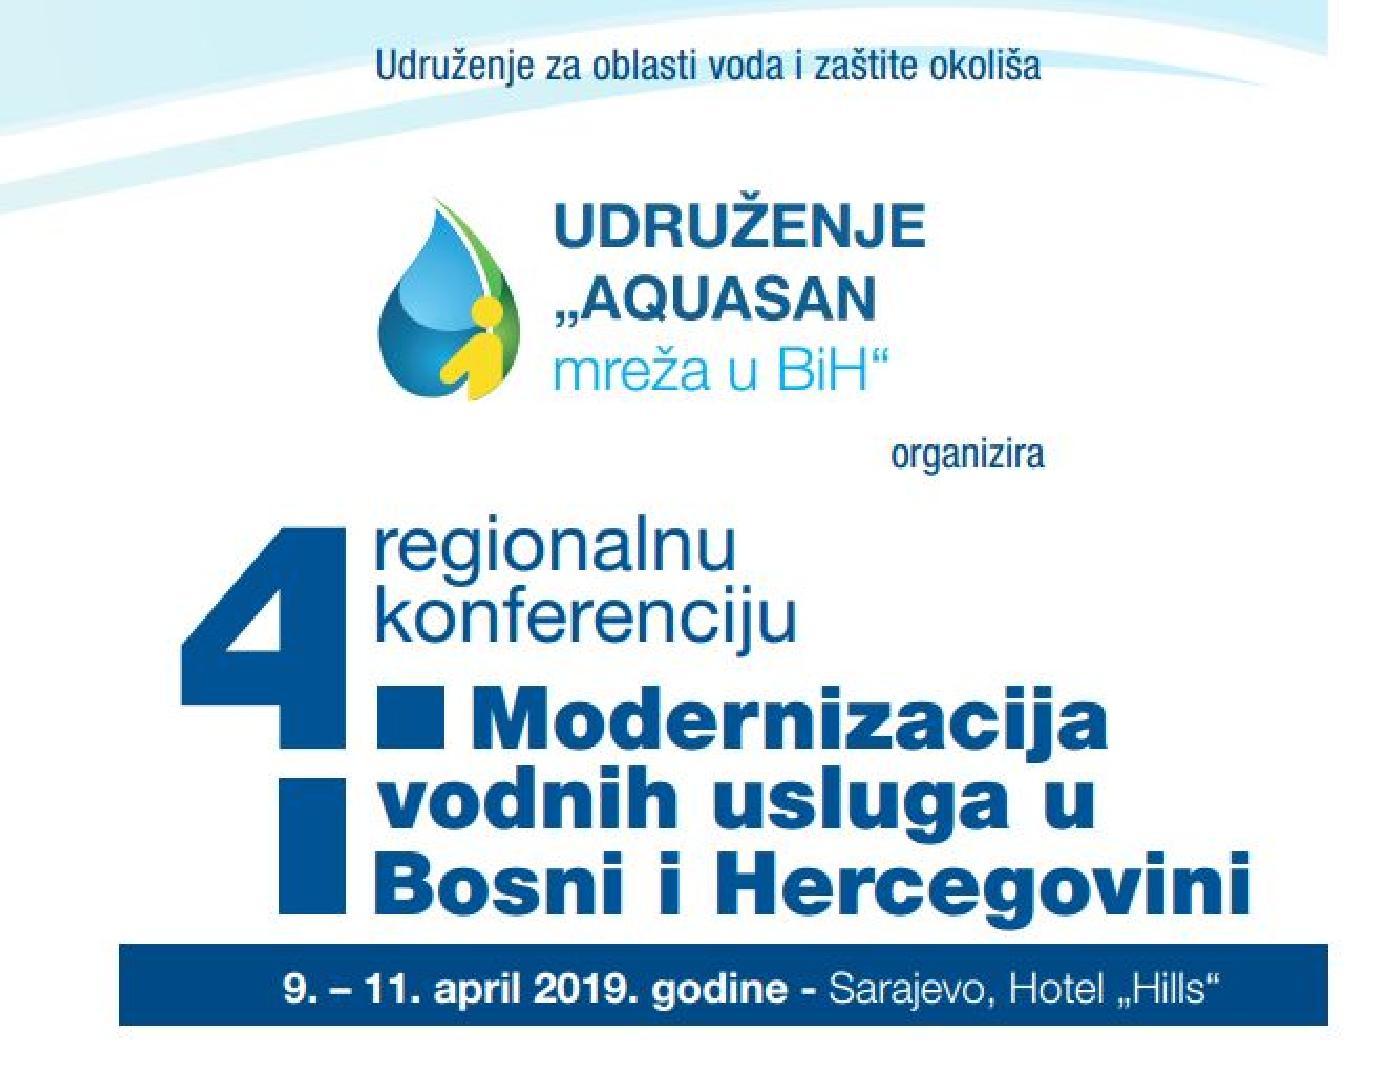 Aquasan organizira 4. regionalnu konferenciju pod nazivom